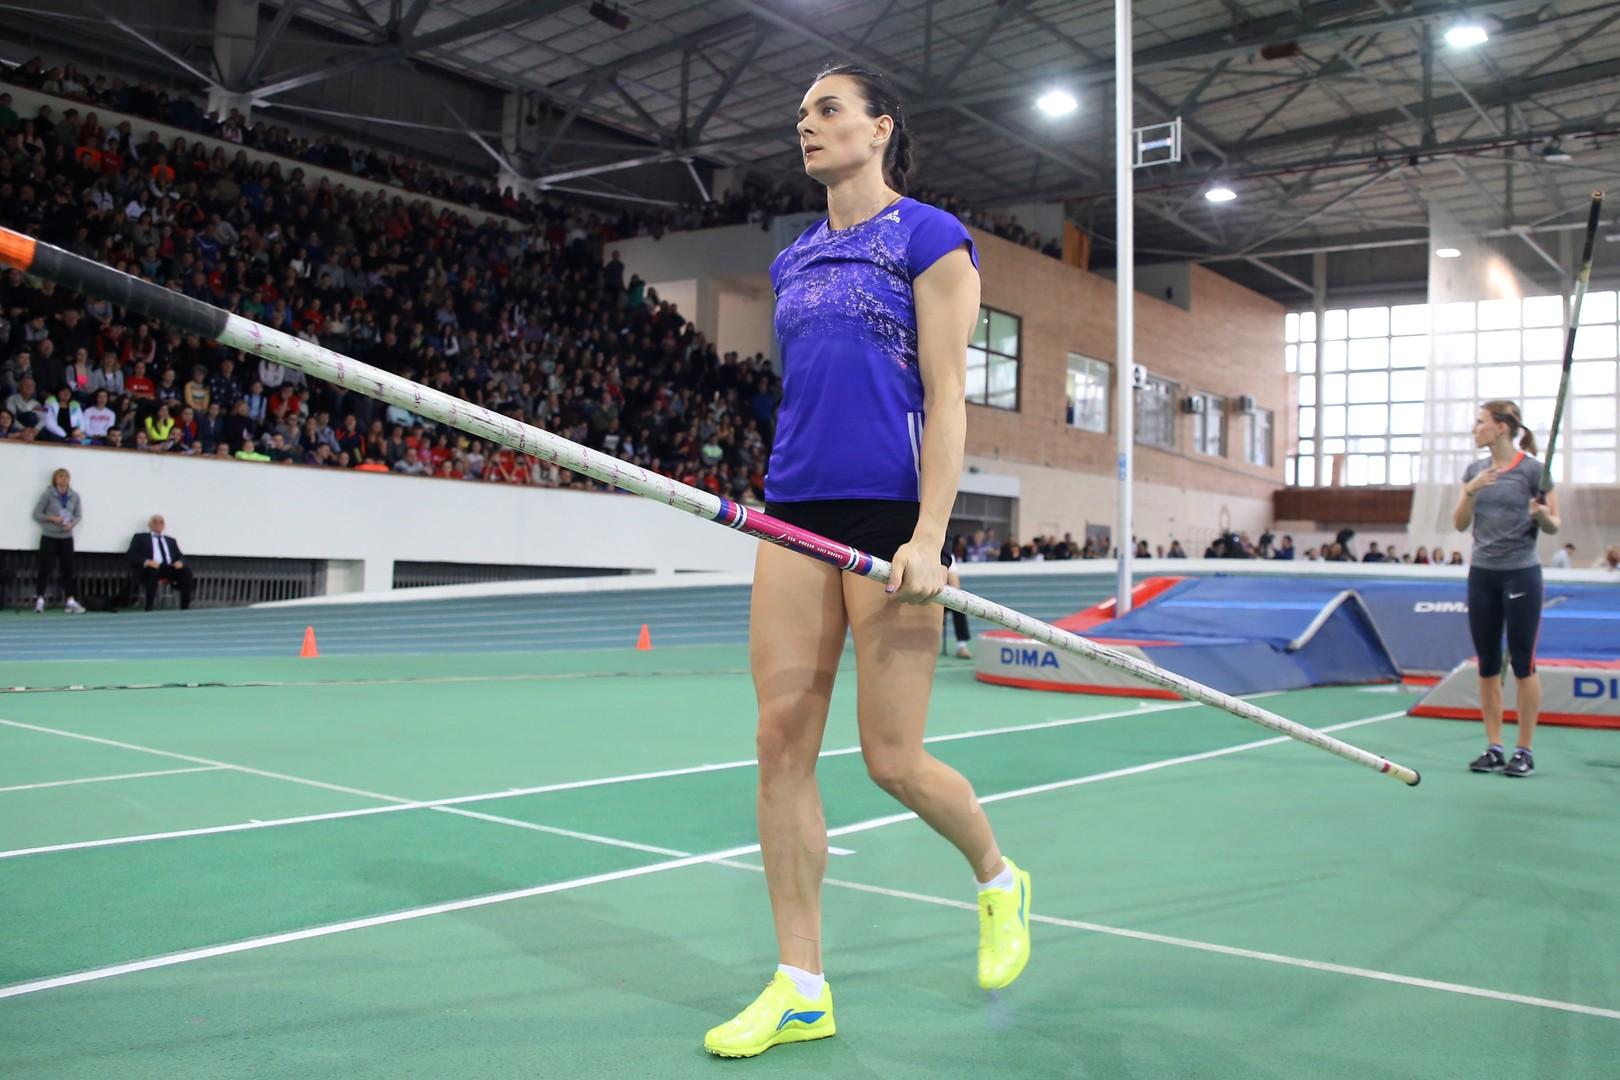 Исинбаева поедет на Олимпиаду в Рио в качестве кандидата в комиссию спортсменов МОК